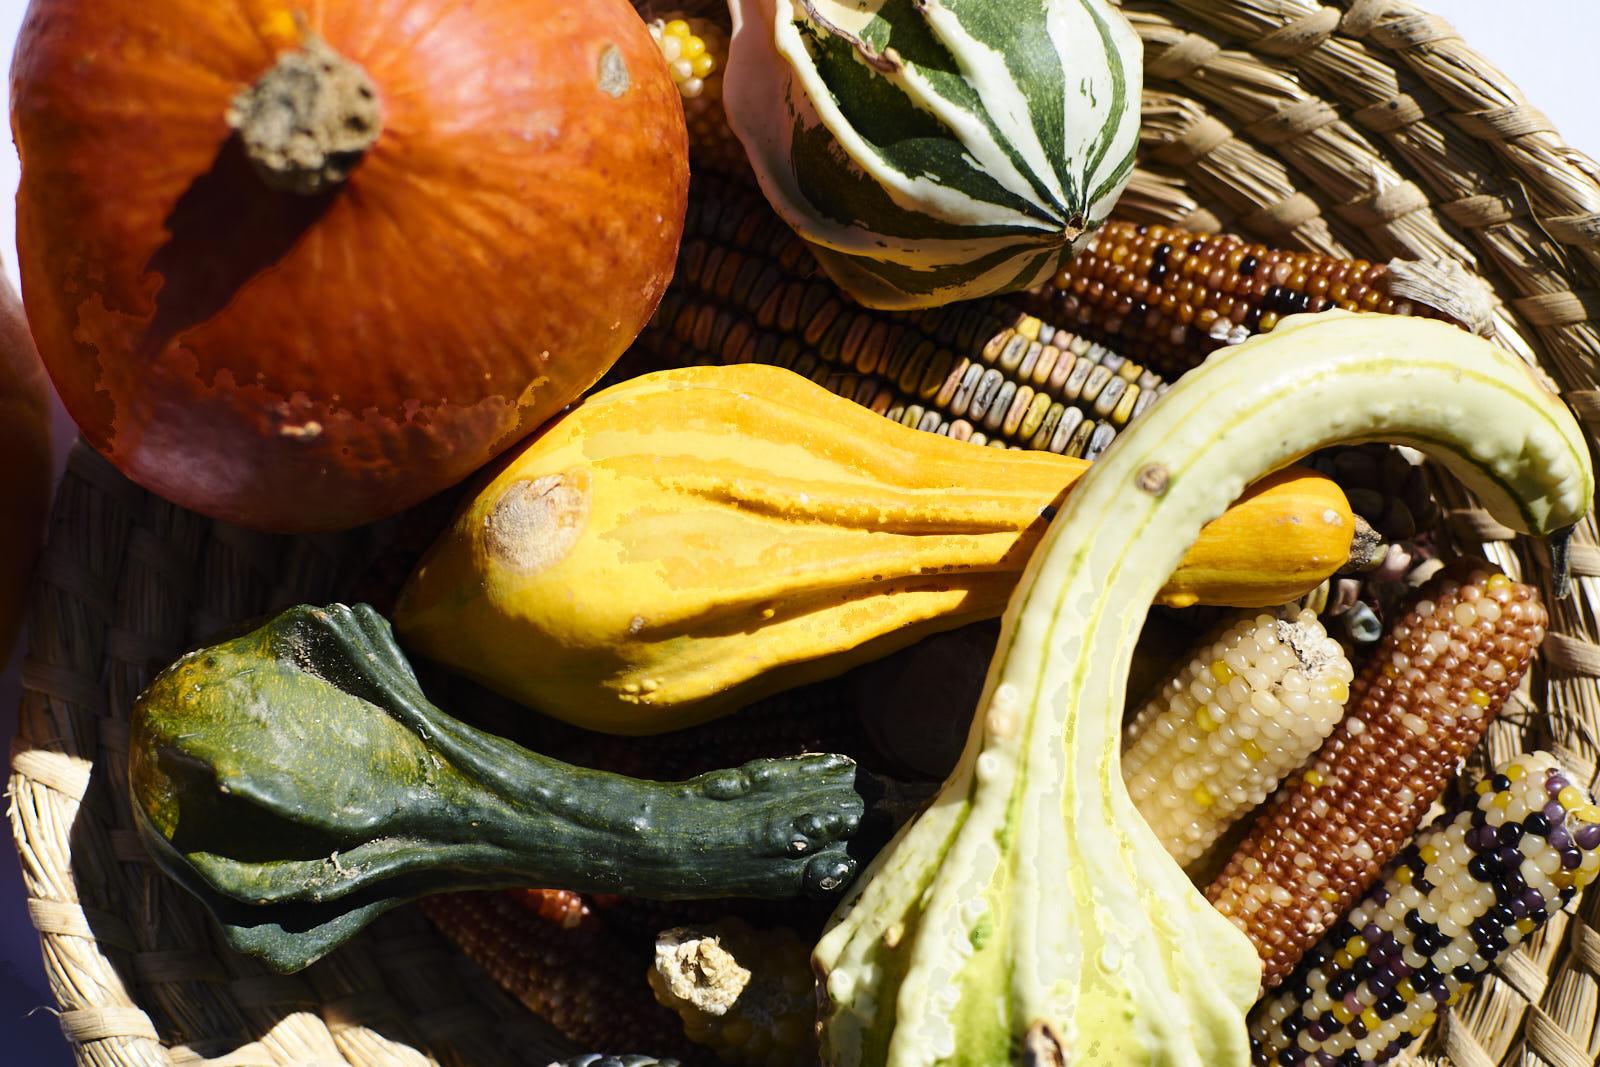 Kürbisse, Zierkürbisse und Ziermais finden sich als Deko zum Herbst in allen Ecken der Kugleralm Ebersberg